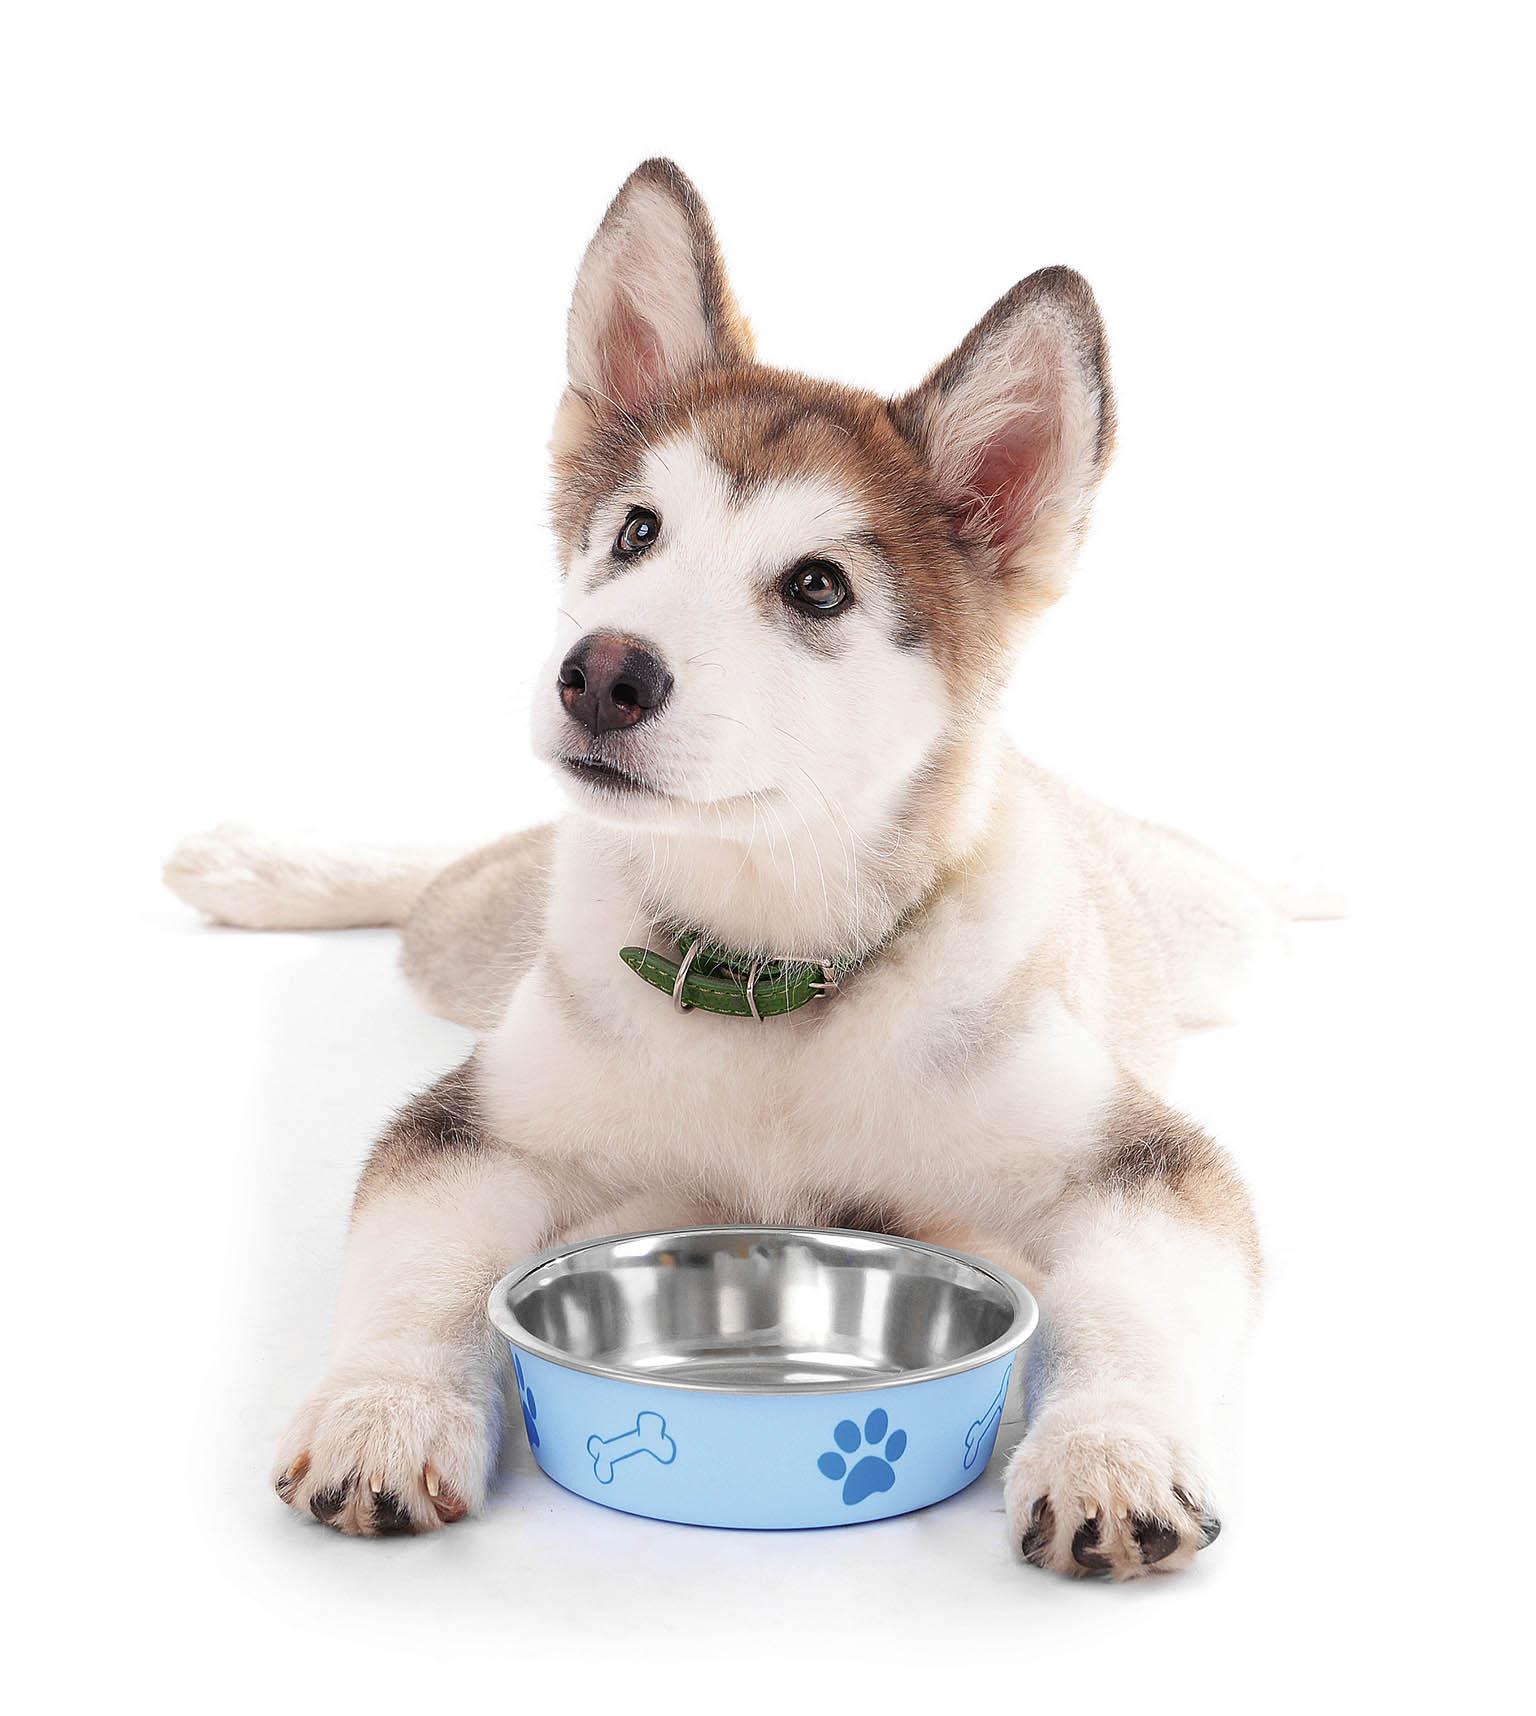 """Největším oříškem bývá pro nového majitele psa výběr granulí, přitom základní pravidlo velí jasně: """"Dávejte mu to, naco je zvyklý."""""""